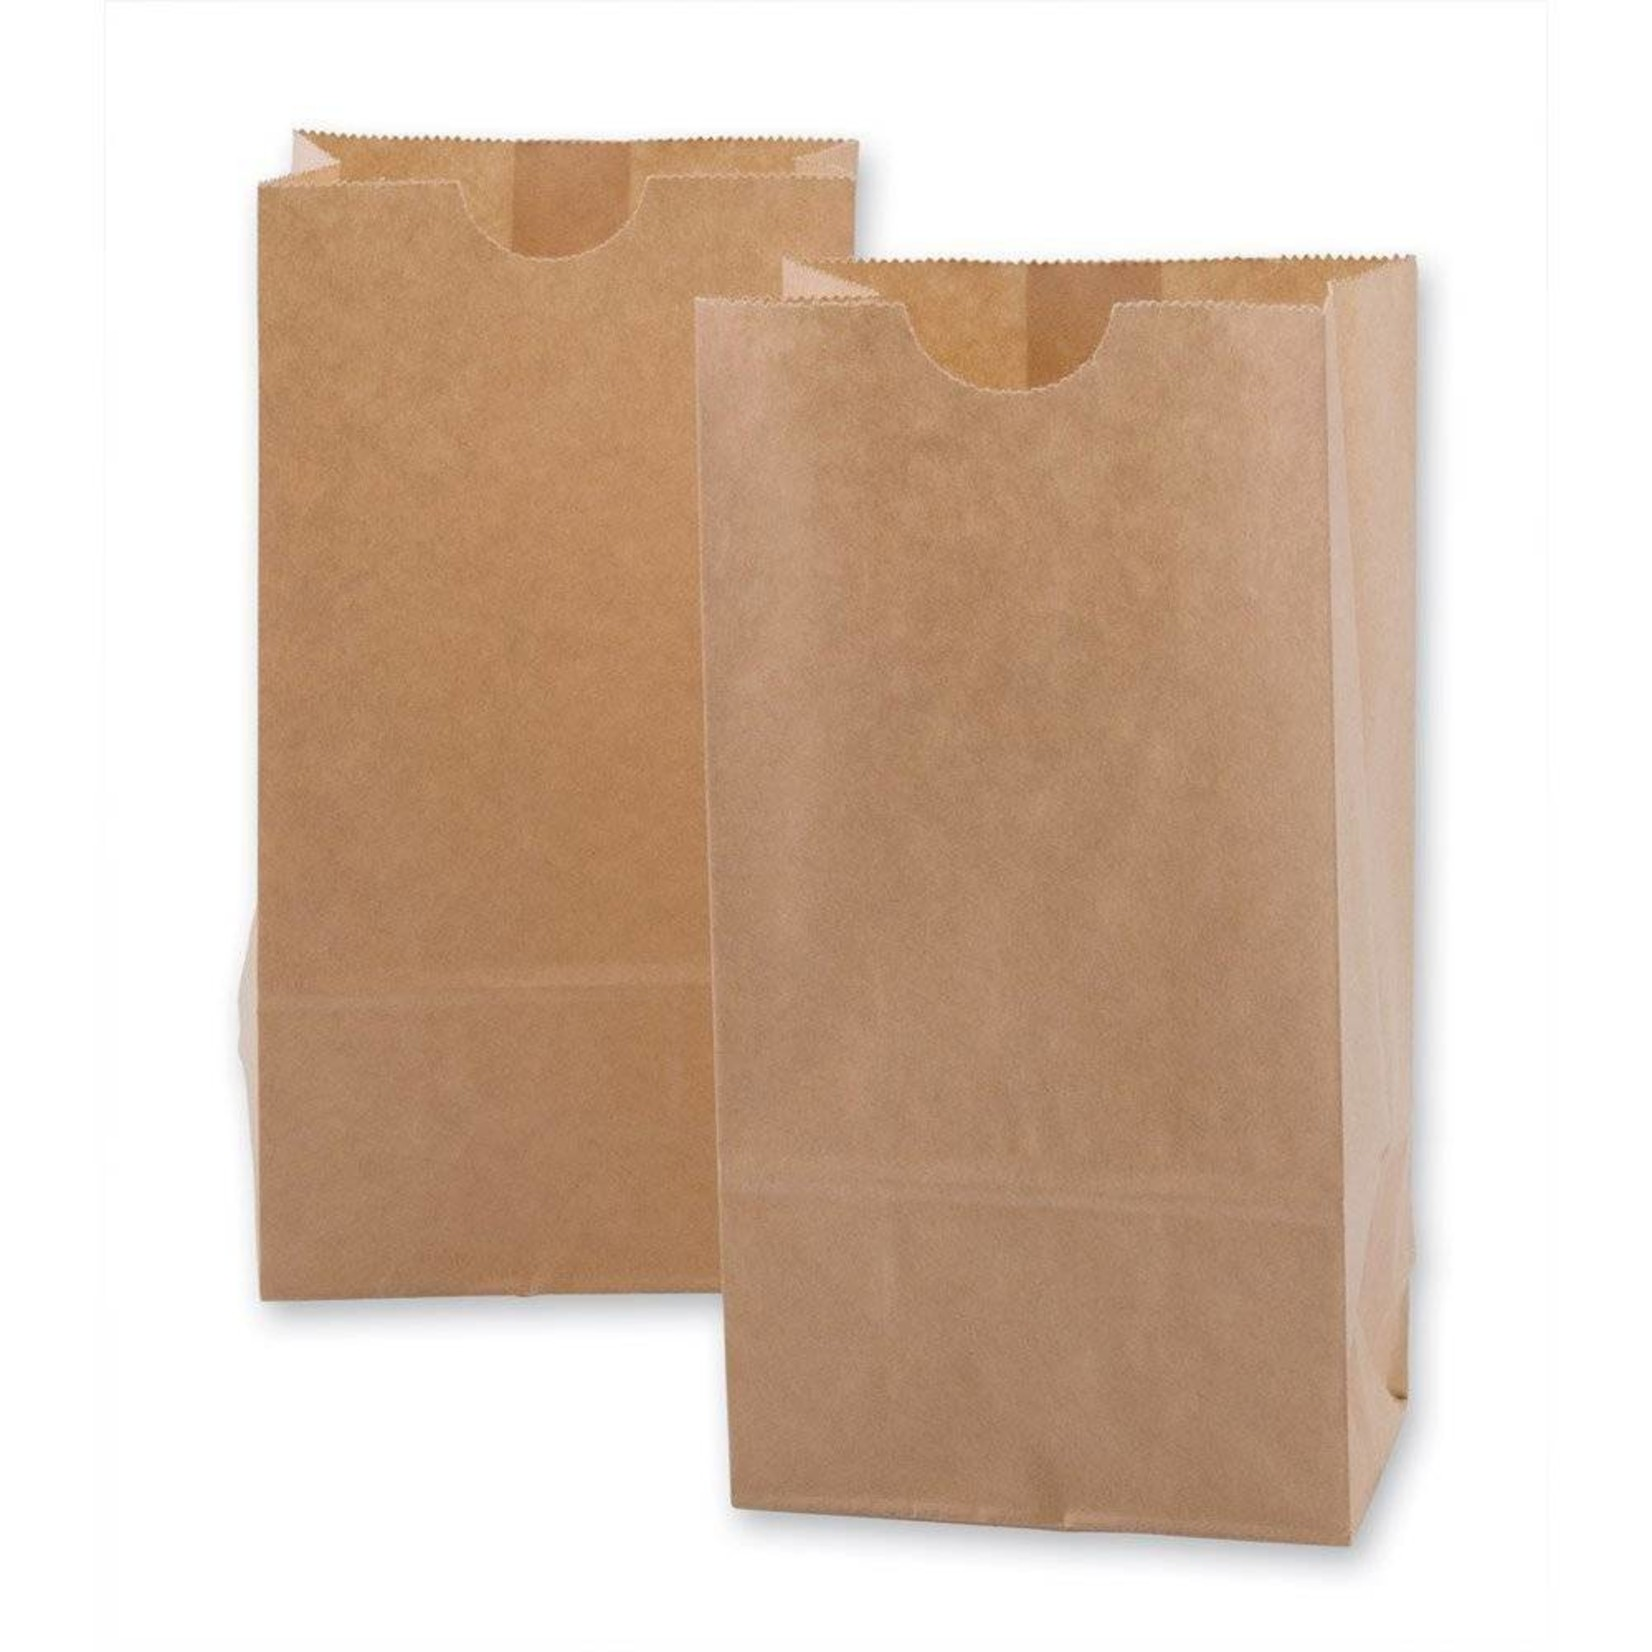 Bags-Brown-Paper-1lb-50pk